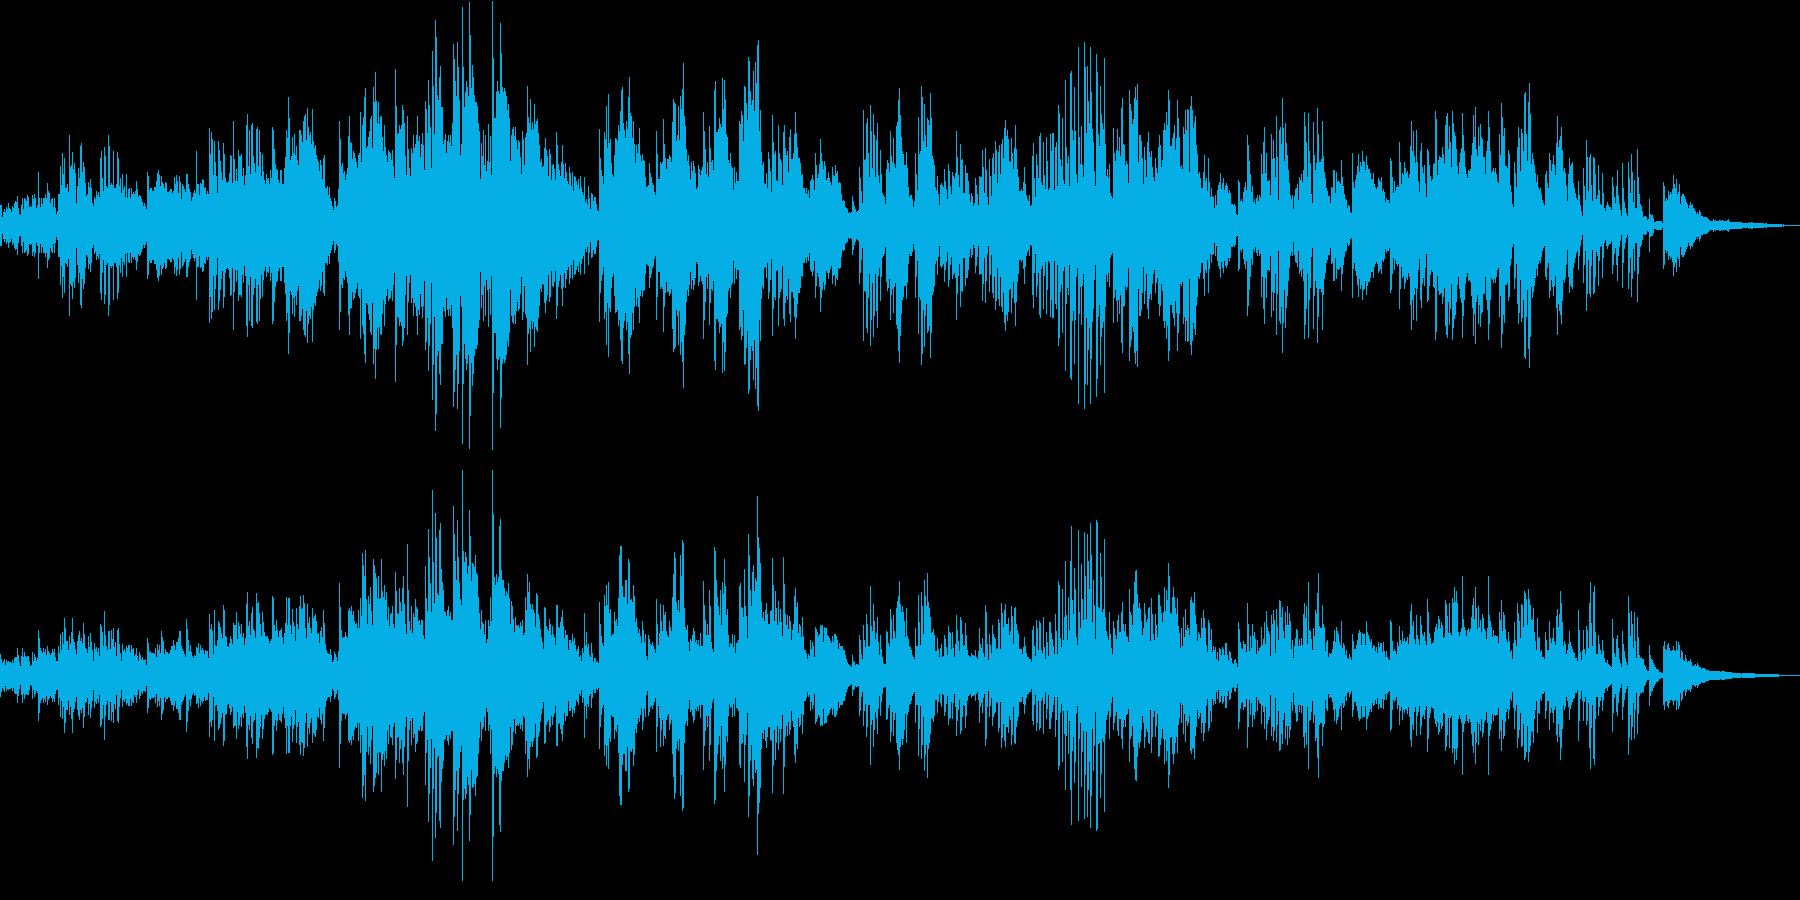 ドビュッシーが作曲したピアノ独奏曲の再生済みの波形